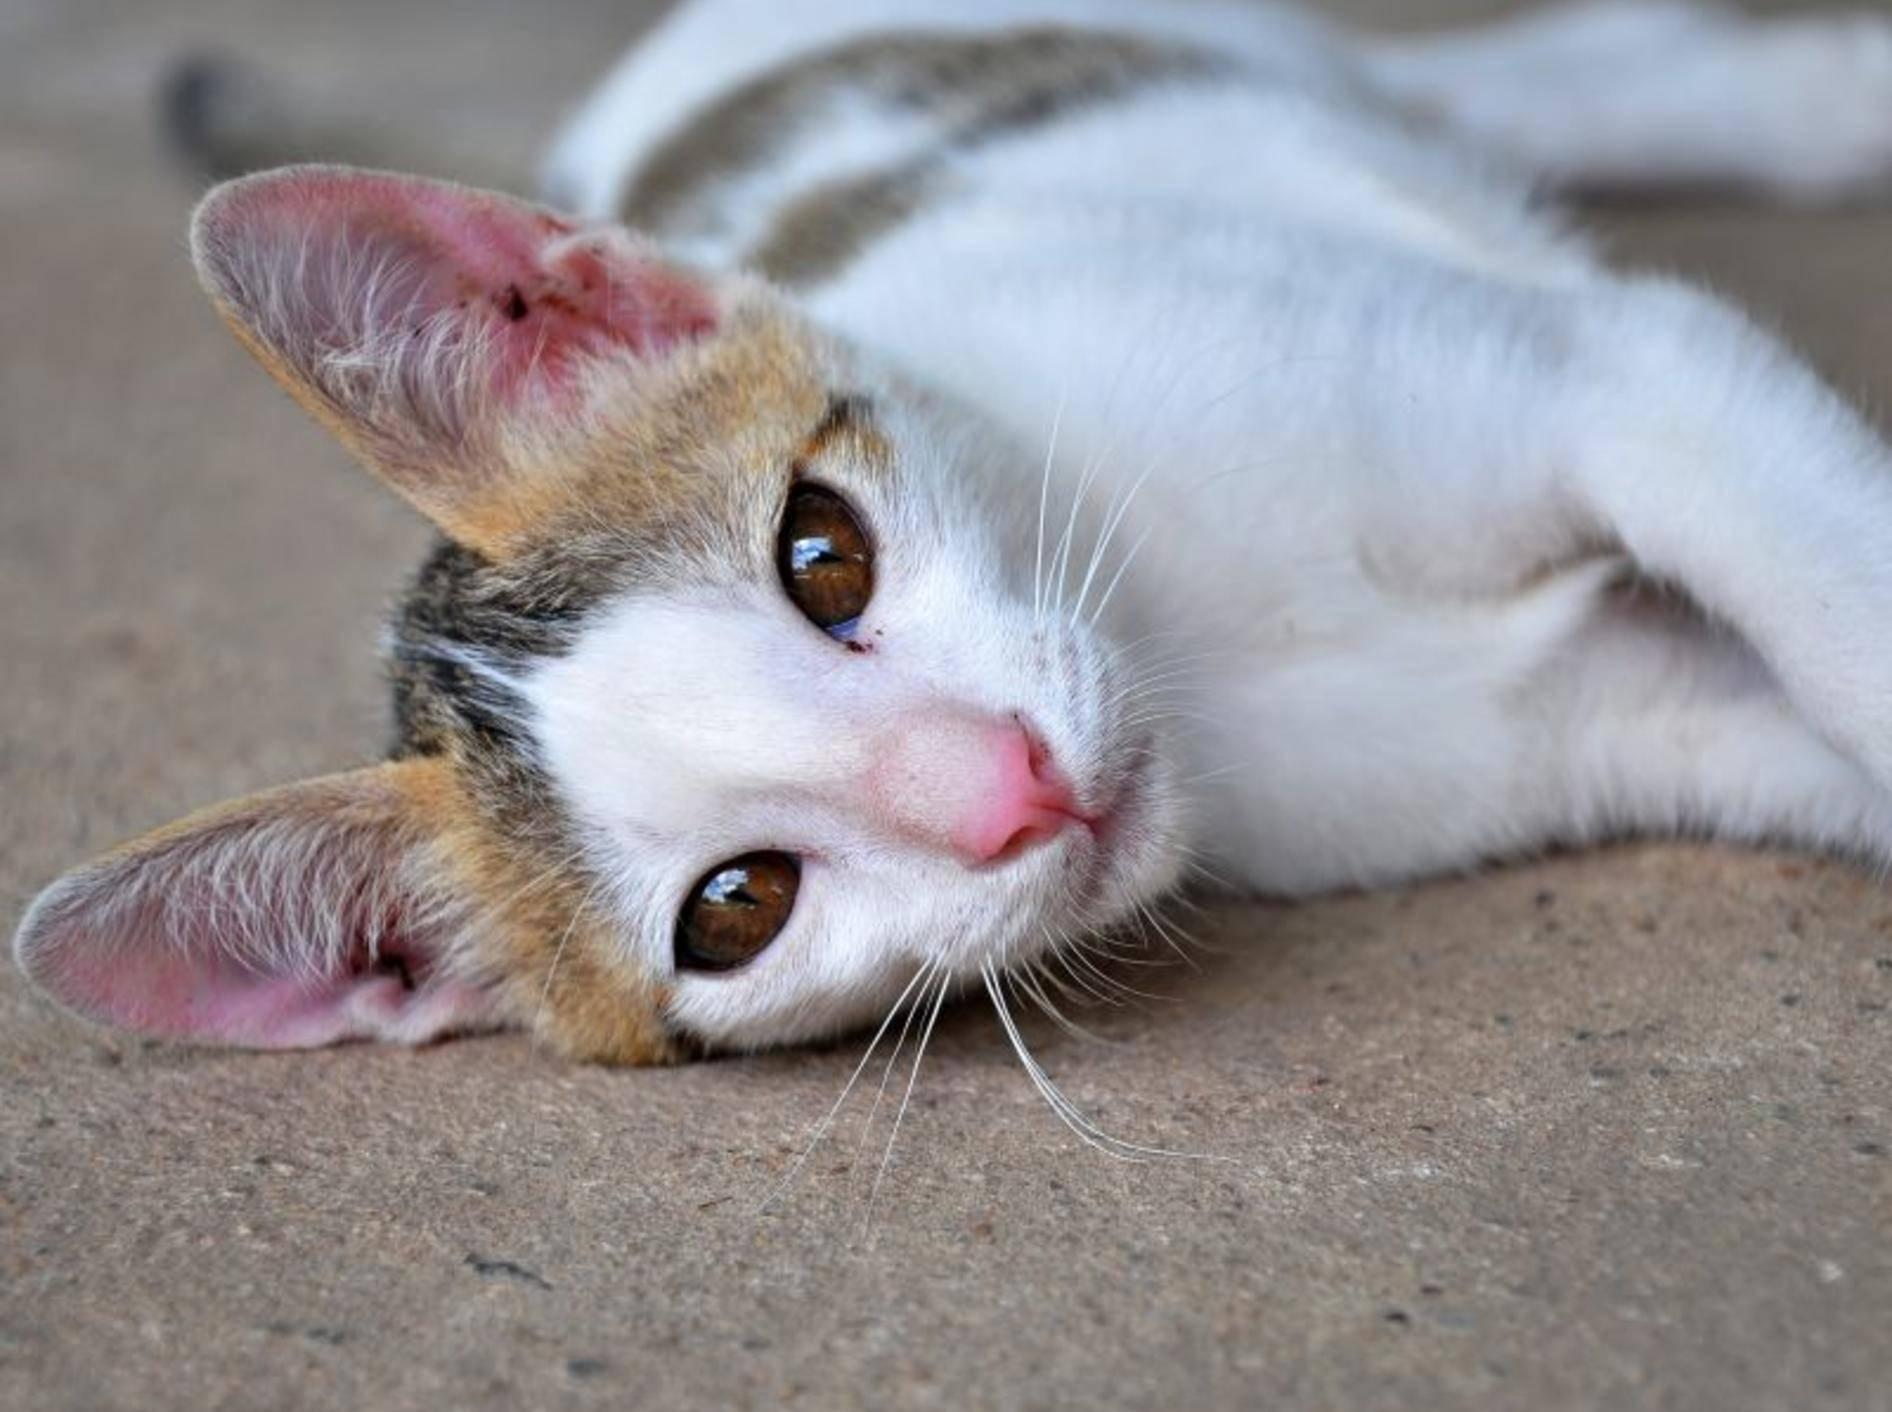 Epilepsie bei Katzen: Nach abklingen der Symptome ist die Katze geschwächt — Bild: Shutterstock / OLOS